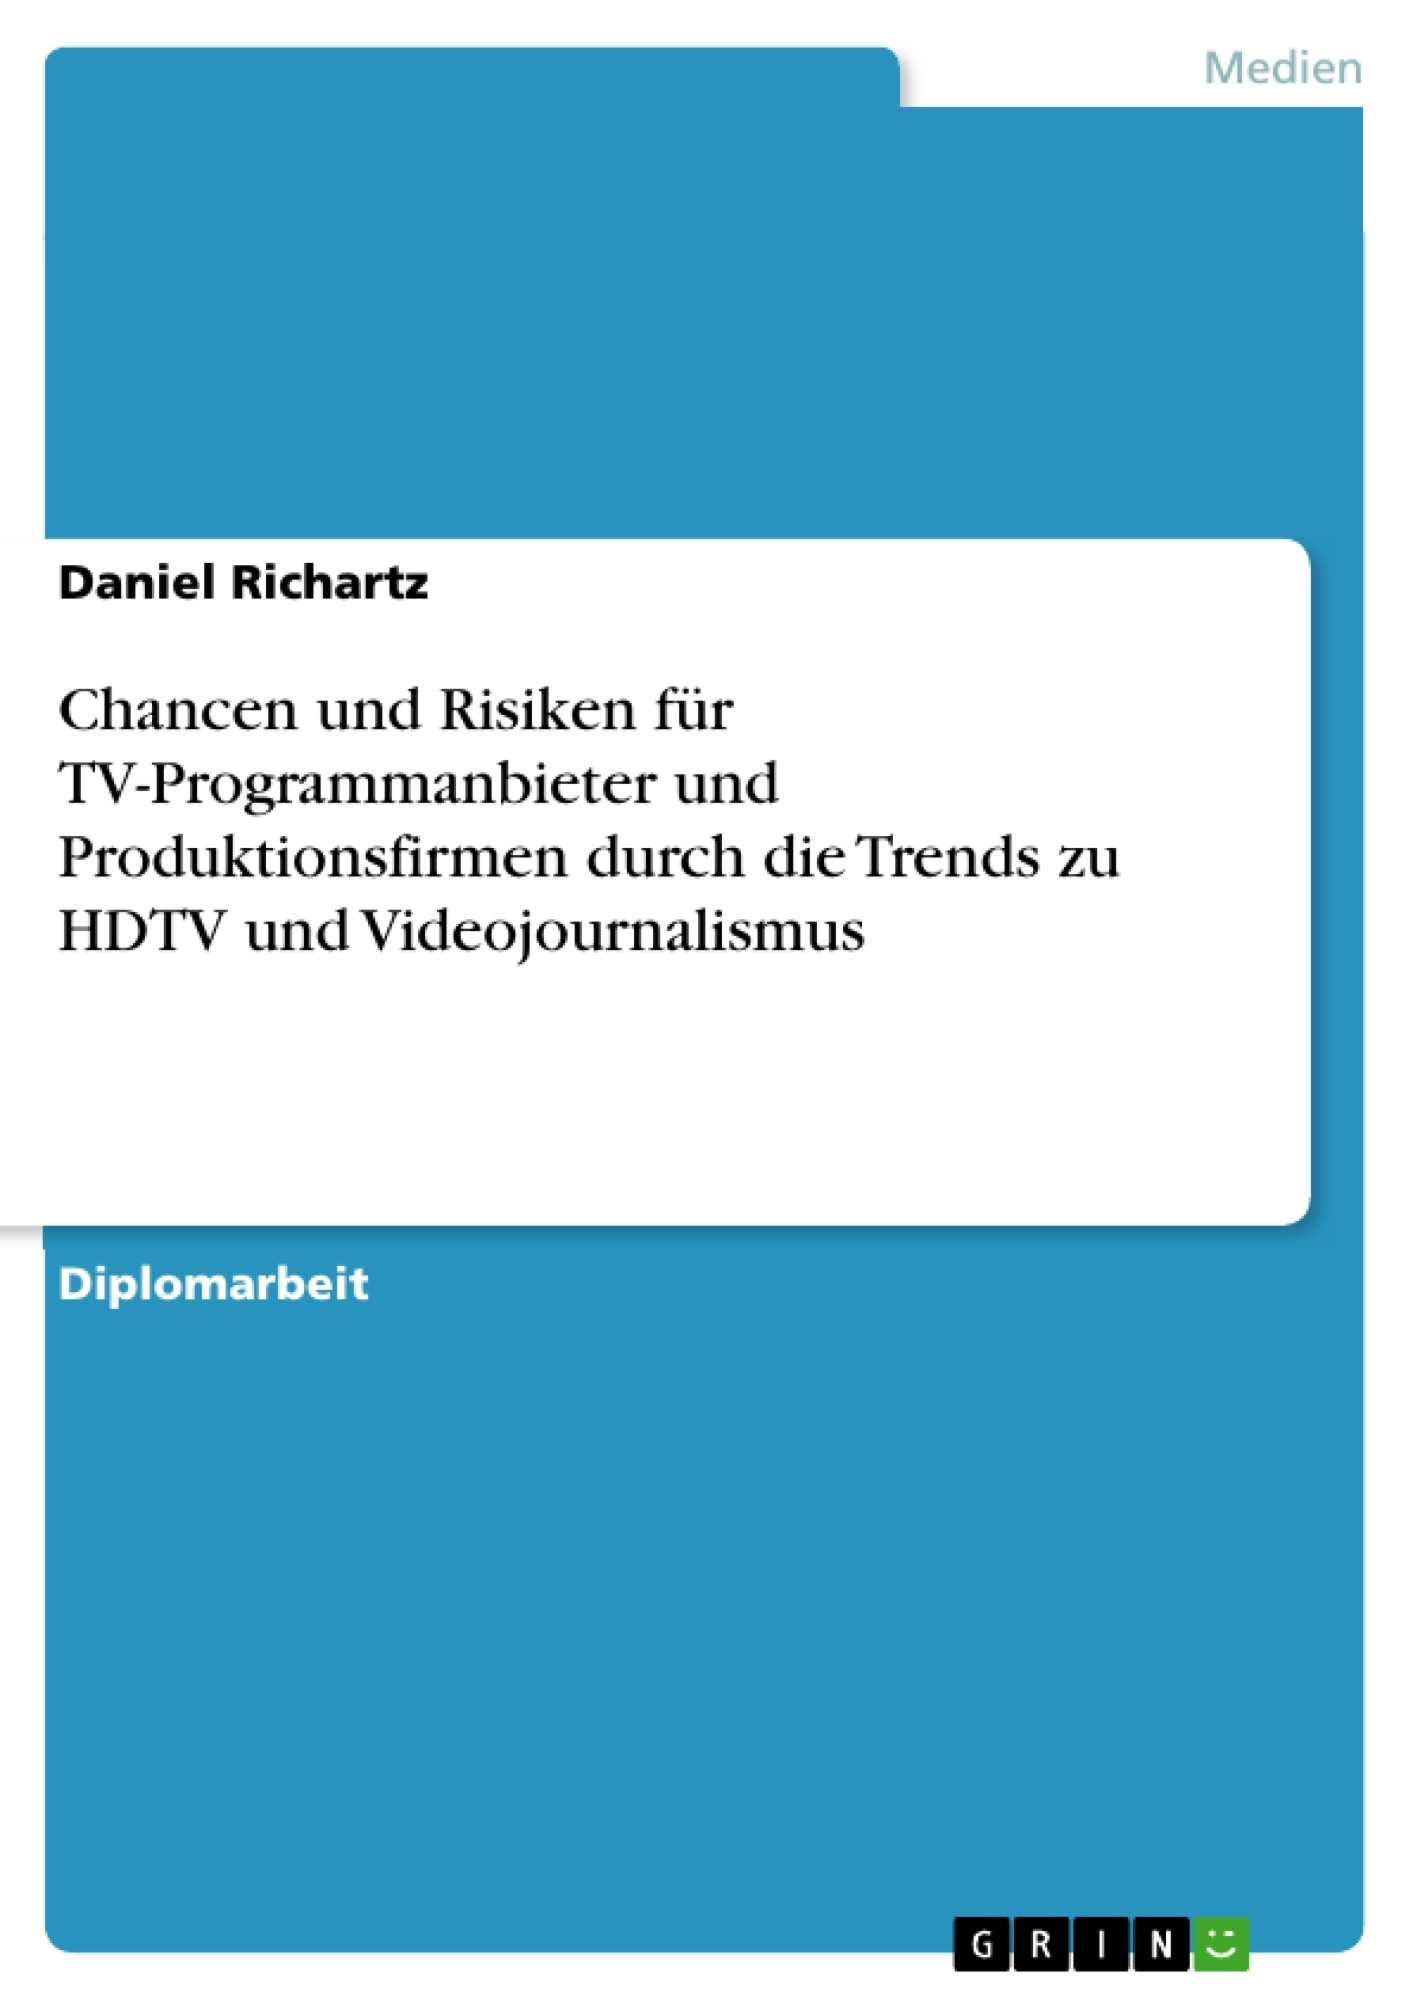 Titel: Chancen und Risiken für TV-Programmanbieter und Produktionsfirmen durch die Trends zu HDTV und Videojournalismus